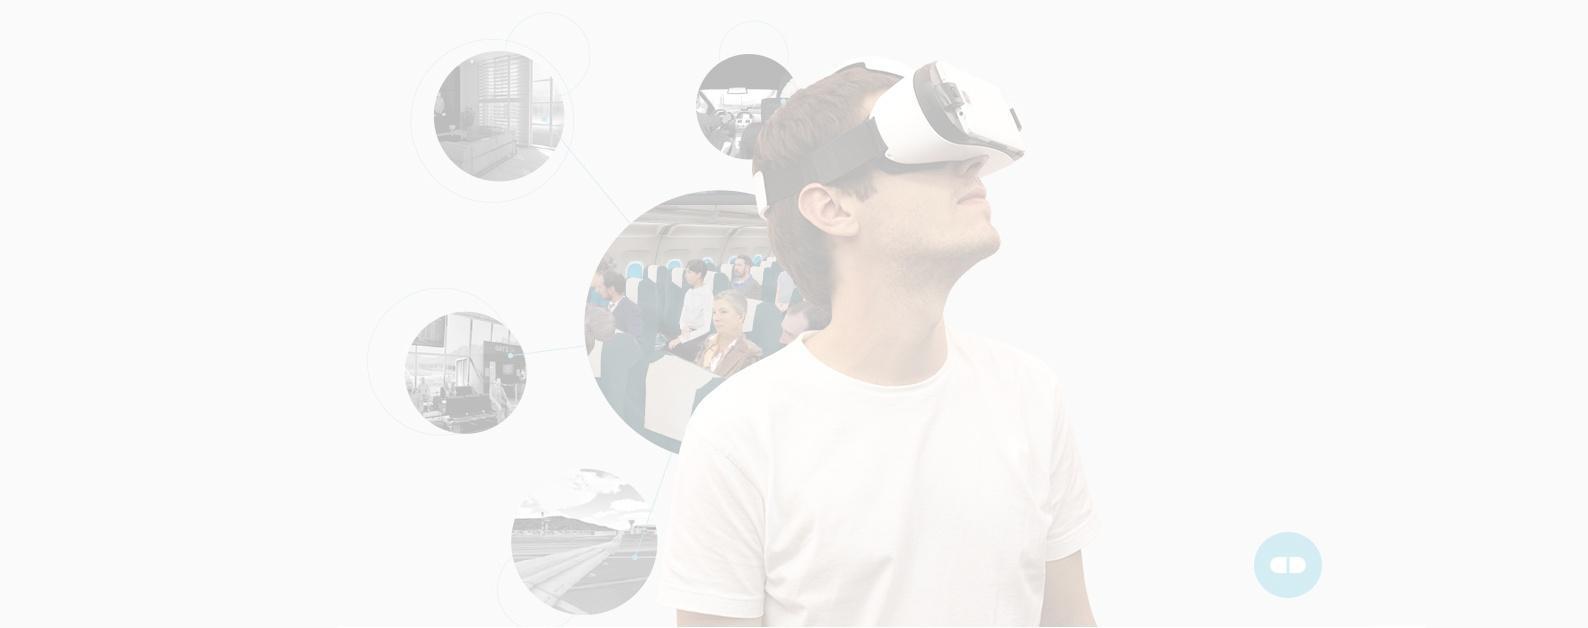 Tratamientos psicológicos con técnicas de realidad virtual